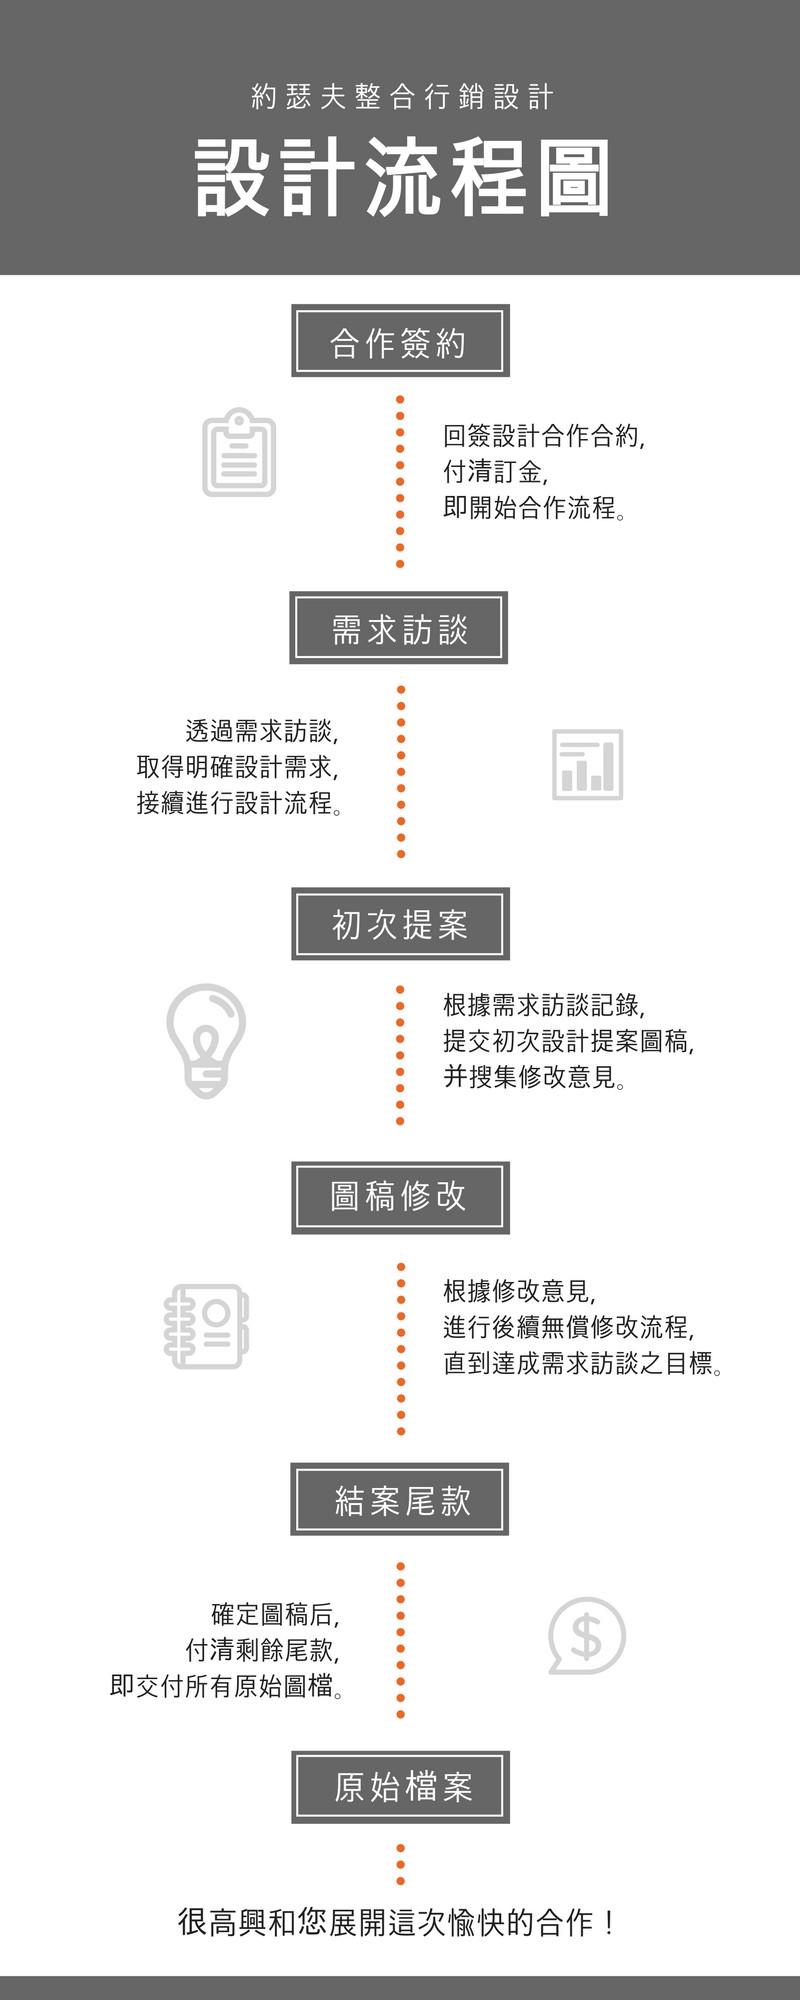 設計流程 合作簽約 需求訪談 初次提案 圖稿修改 結案尾款 原始檔案